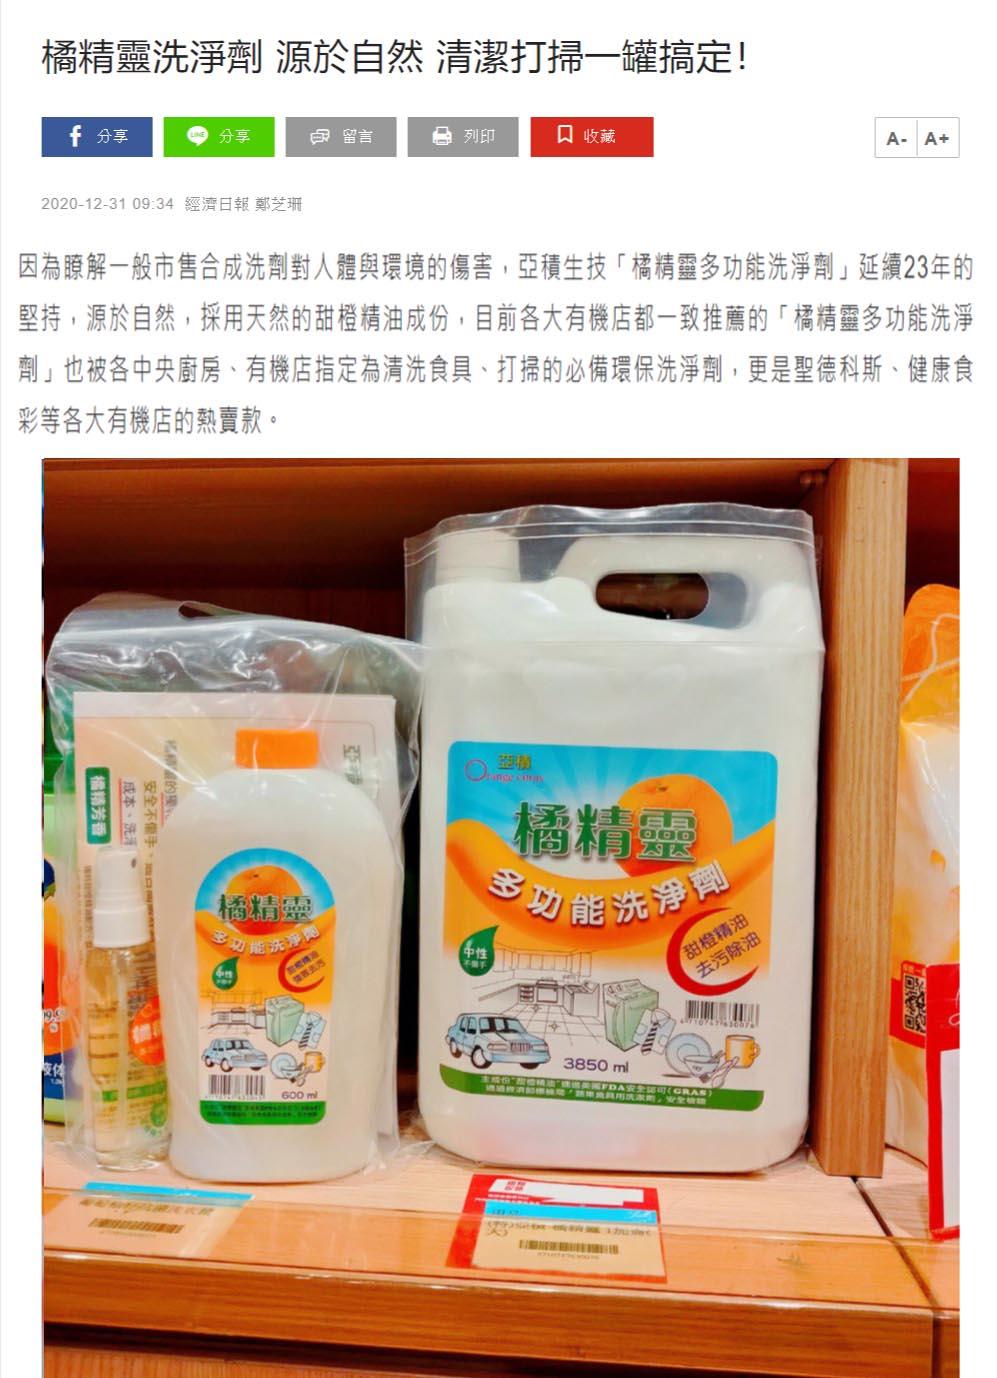 橘精靈洗淨劑 源於自然 清潔打掃一罐搞定! - 熱門亮點 - 商情 - 經濟日報 - money.udn.com